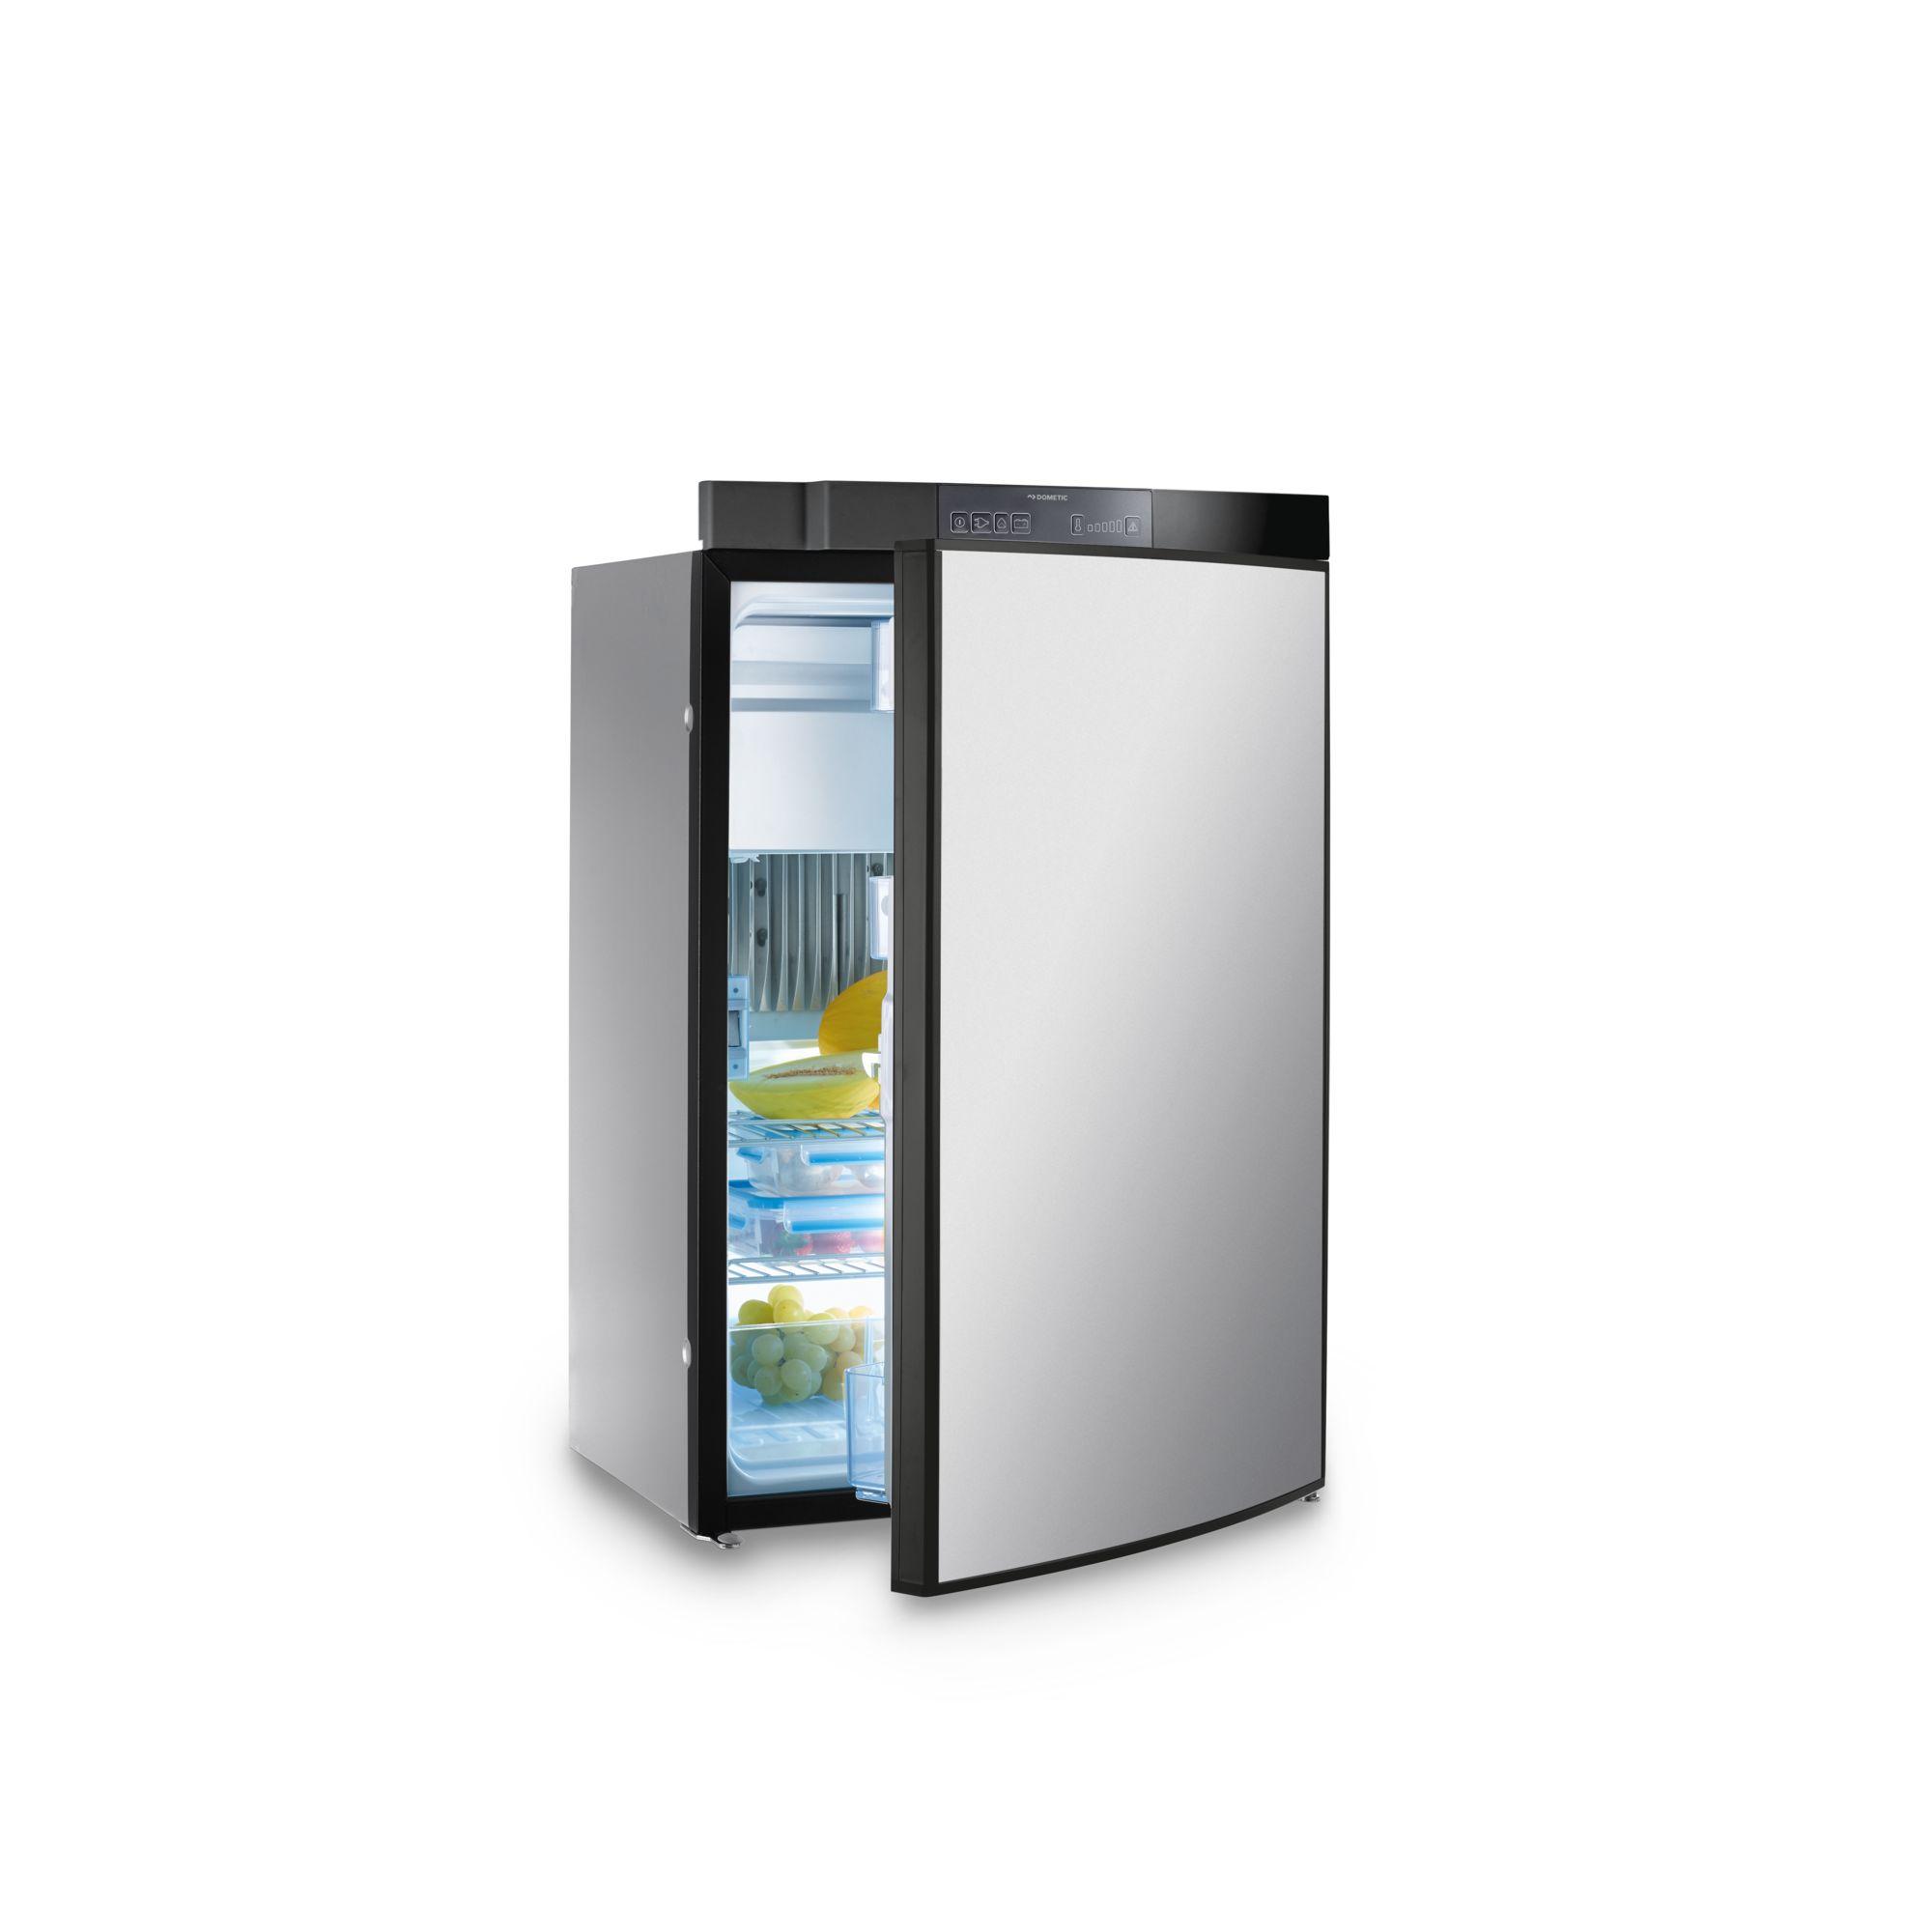 122 l Dometic RM 8551 Absorber-Kühlschrank, Türanschlag links, MES ...